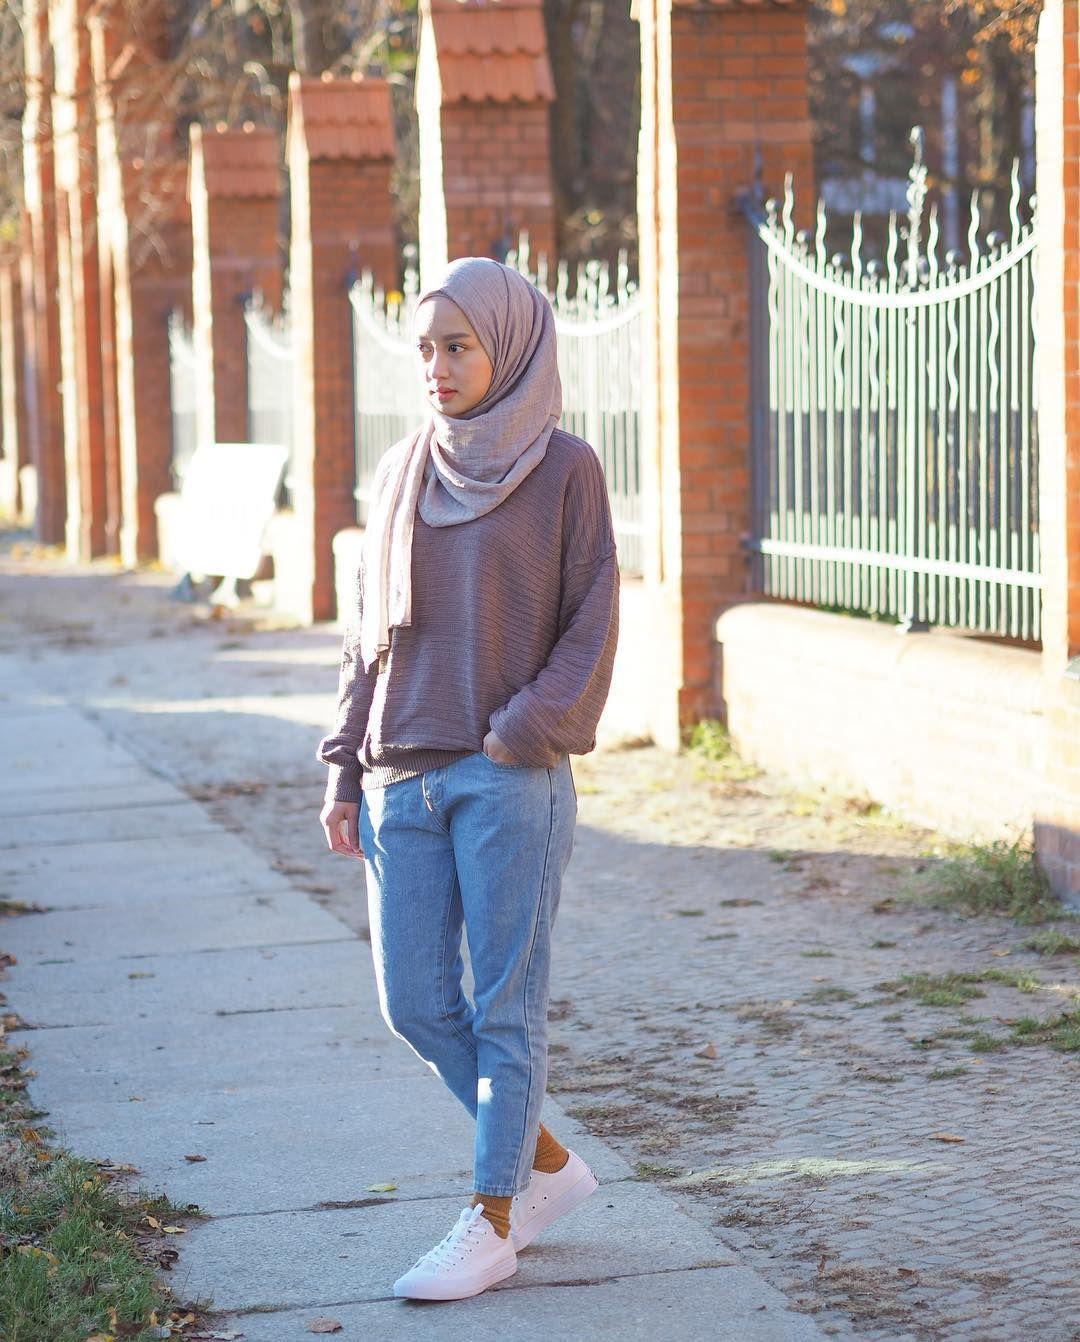 Pin By M A A B On Hijabi In 2018 Pinterest Hijab Fashion